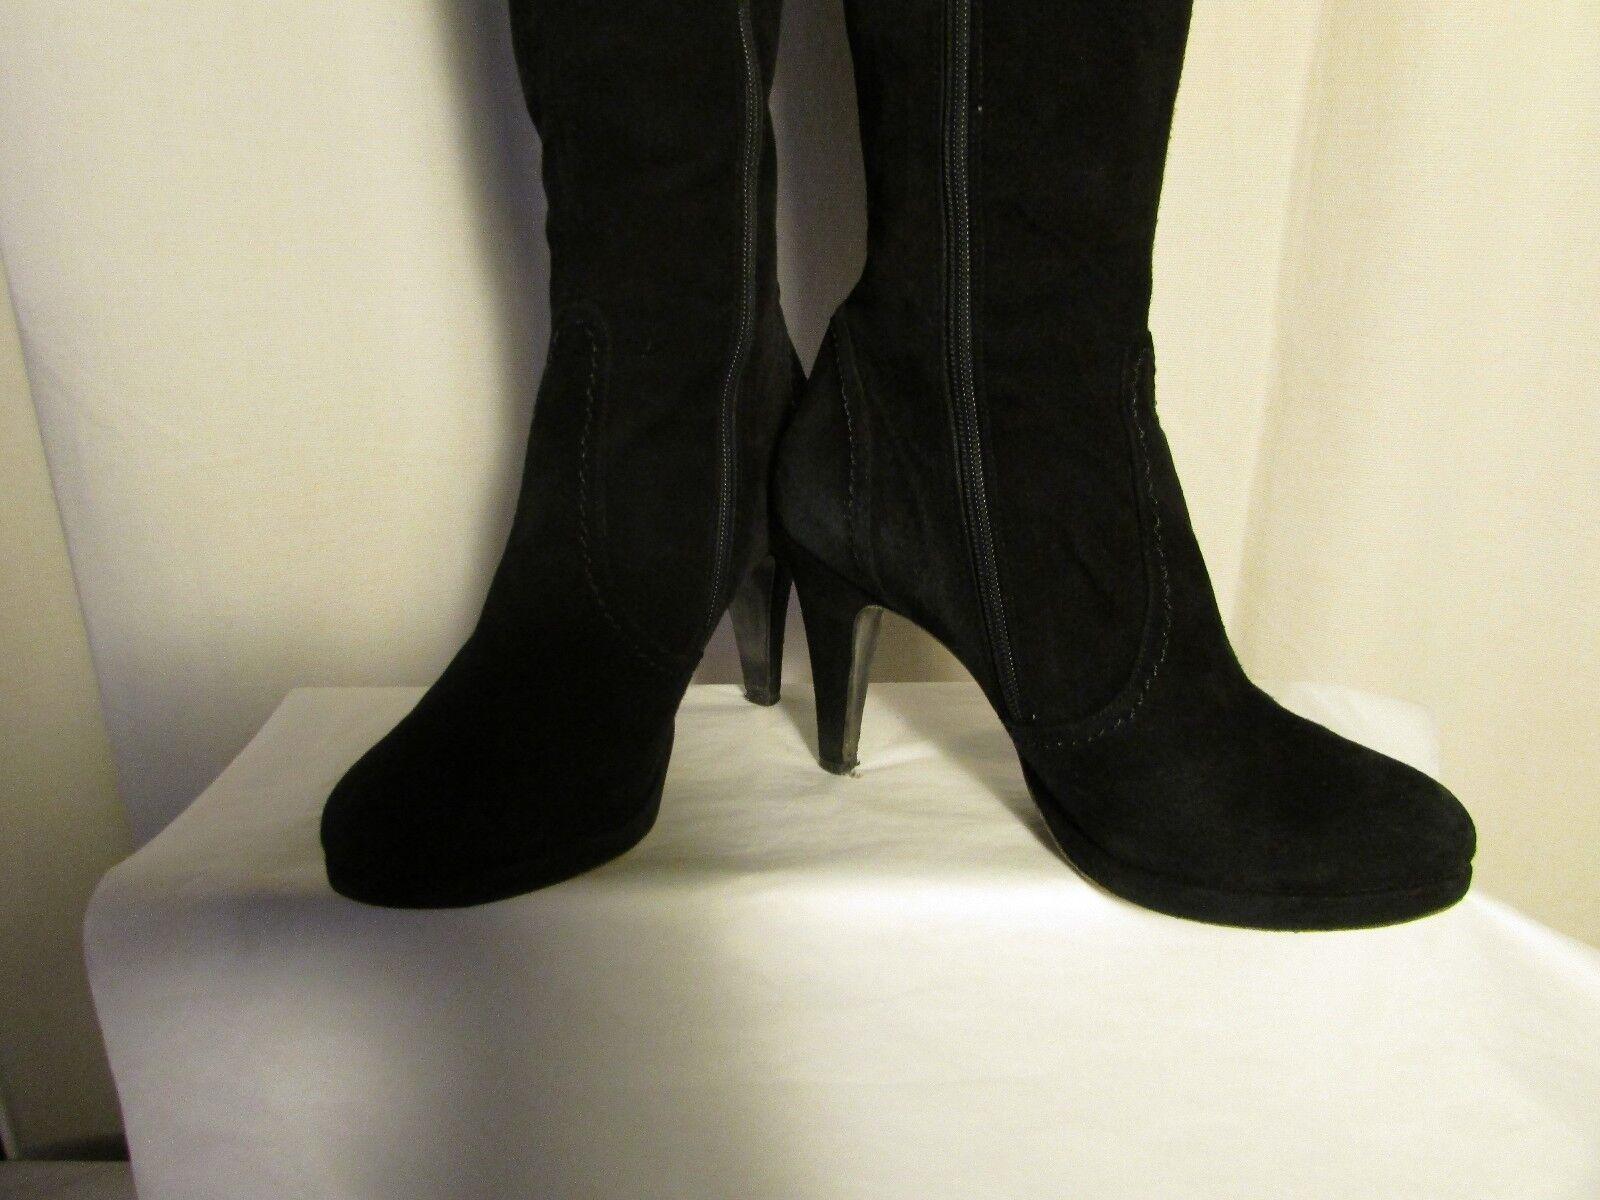 homme / daim femme de bottes en daim / noir kate kuba 39 facile à nettoyer la surface première qualité divers 1e105f